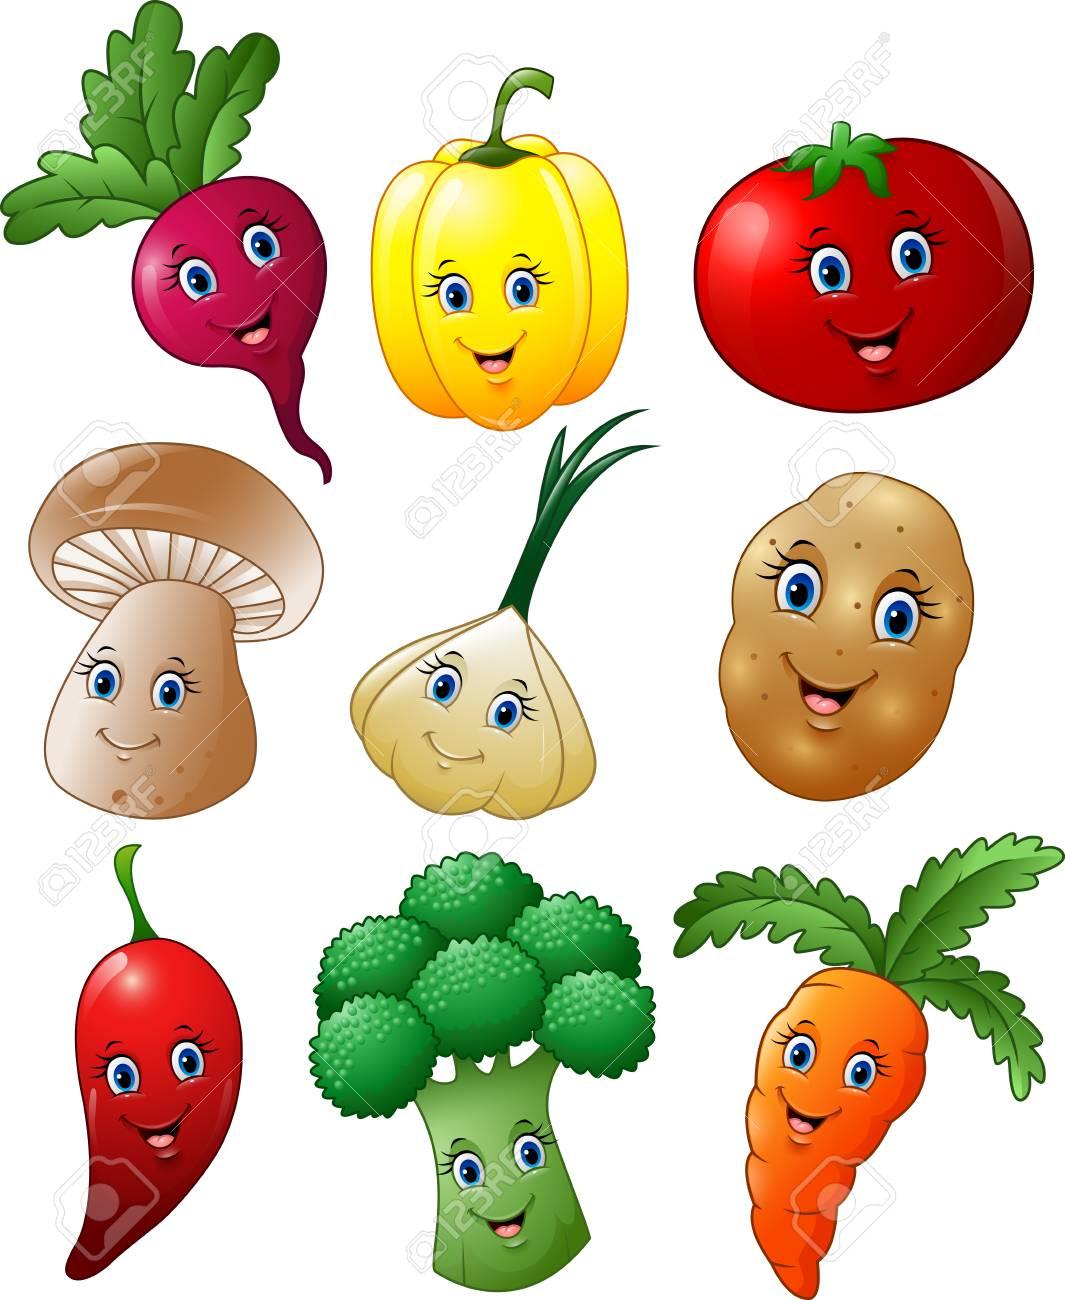 Ilustración Vectorial De Dibujos Animados Conjunto De Recopilación Verduras